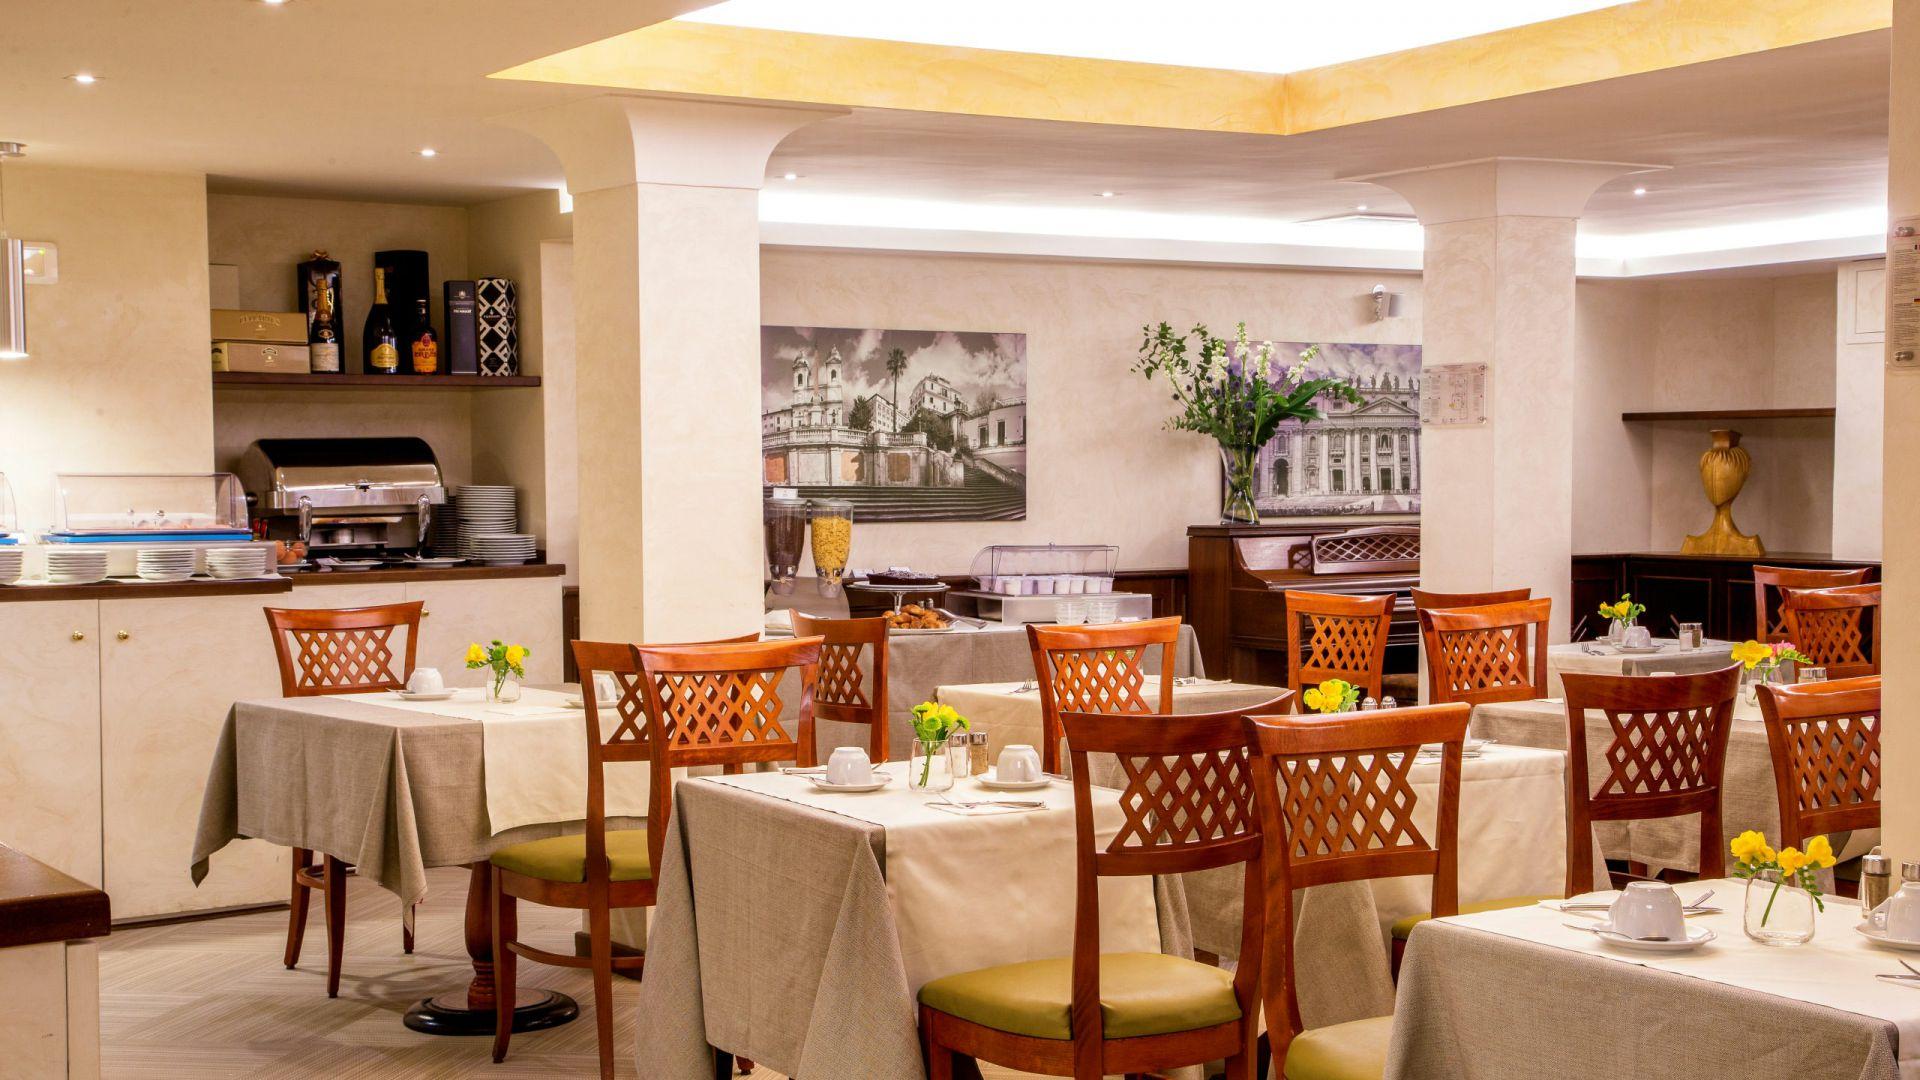 фото-отель-Оксфорд-Рим-ресторан-17